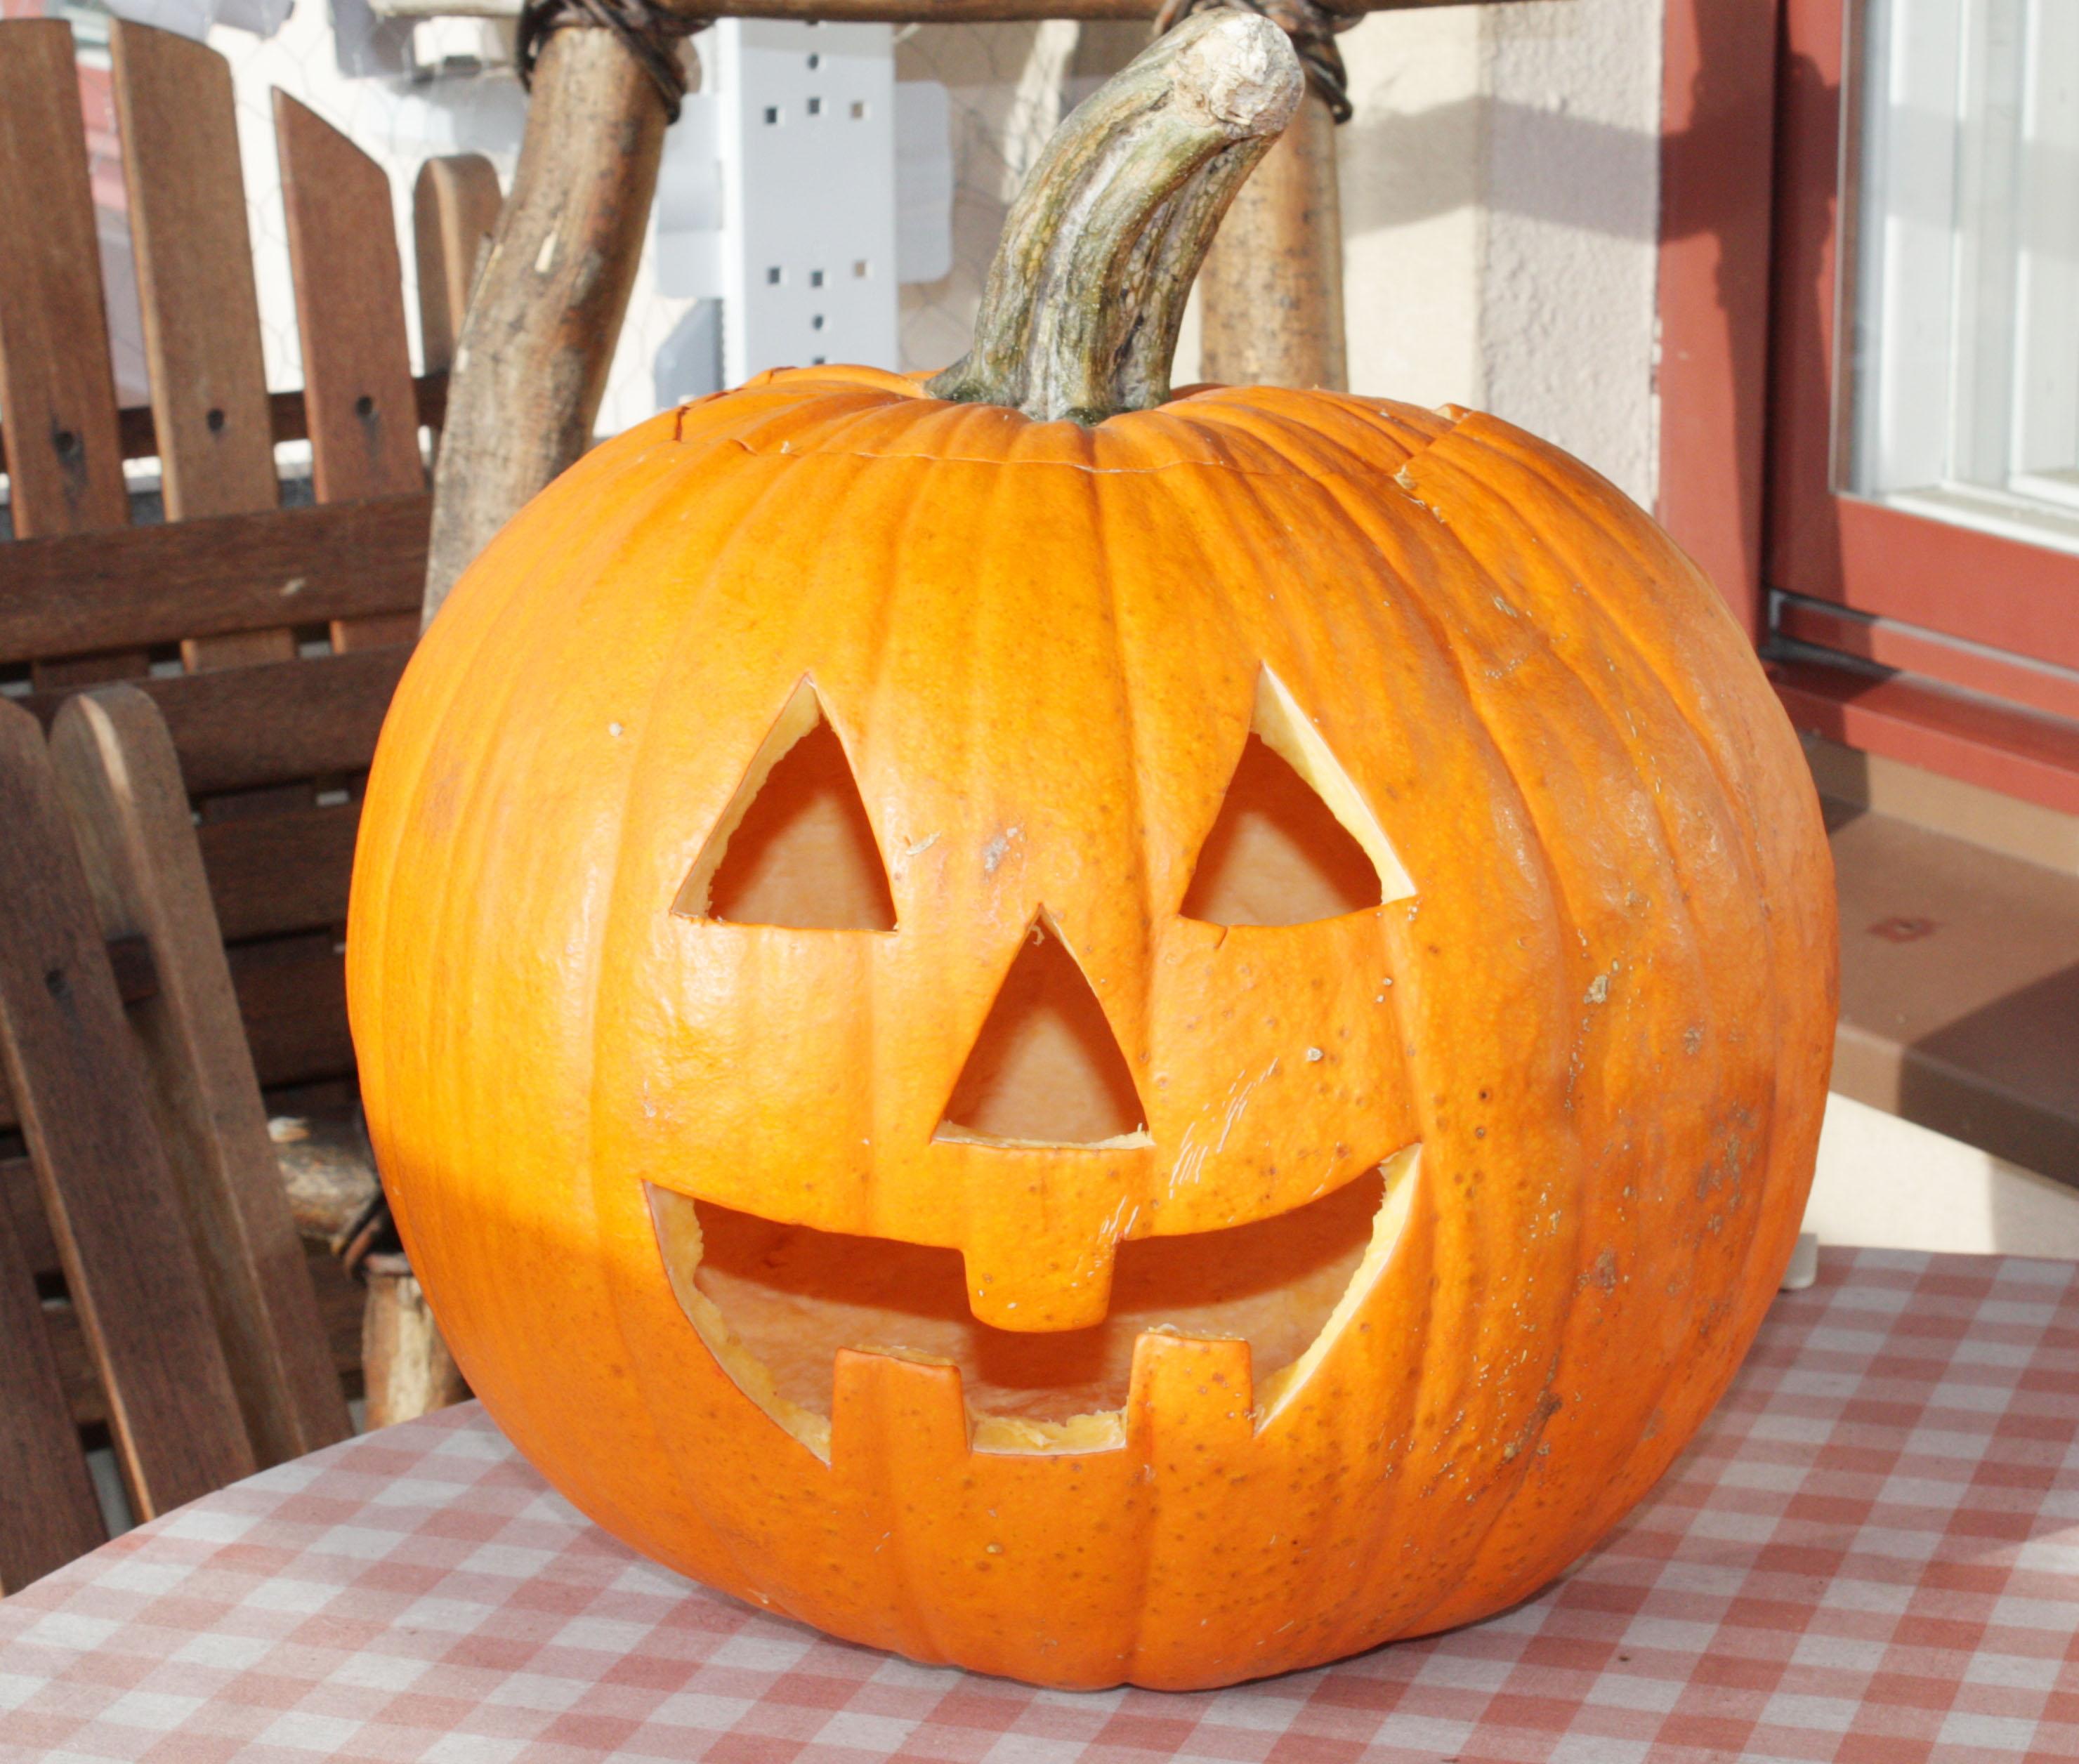 A fun pumpkin carving tutorial! mcsweeneys internet tendency